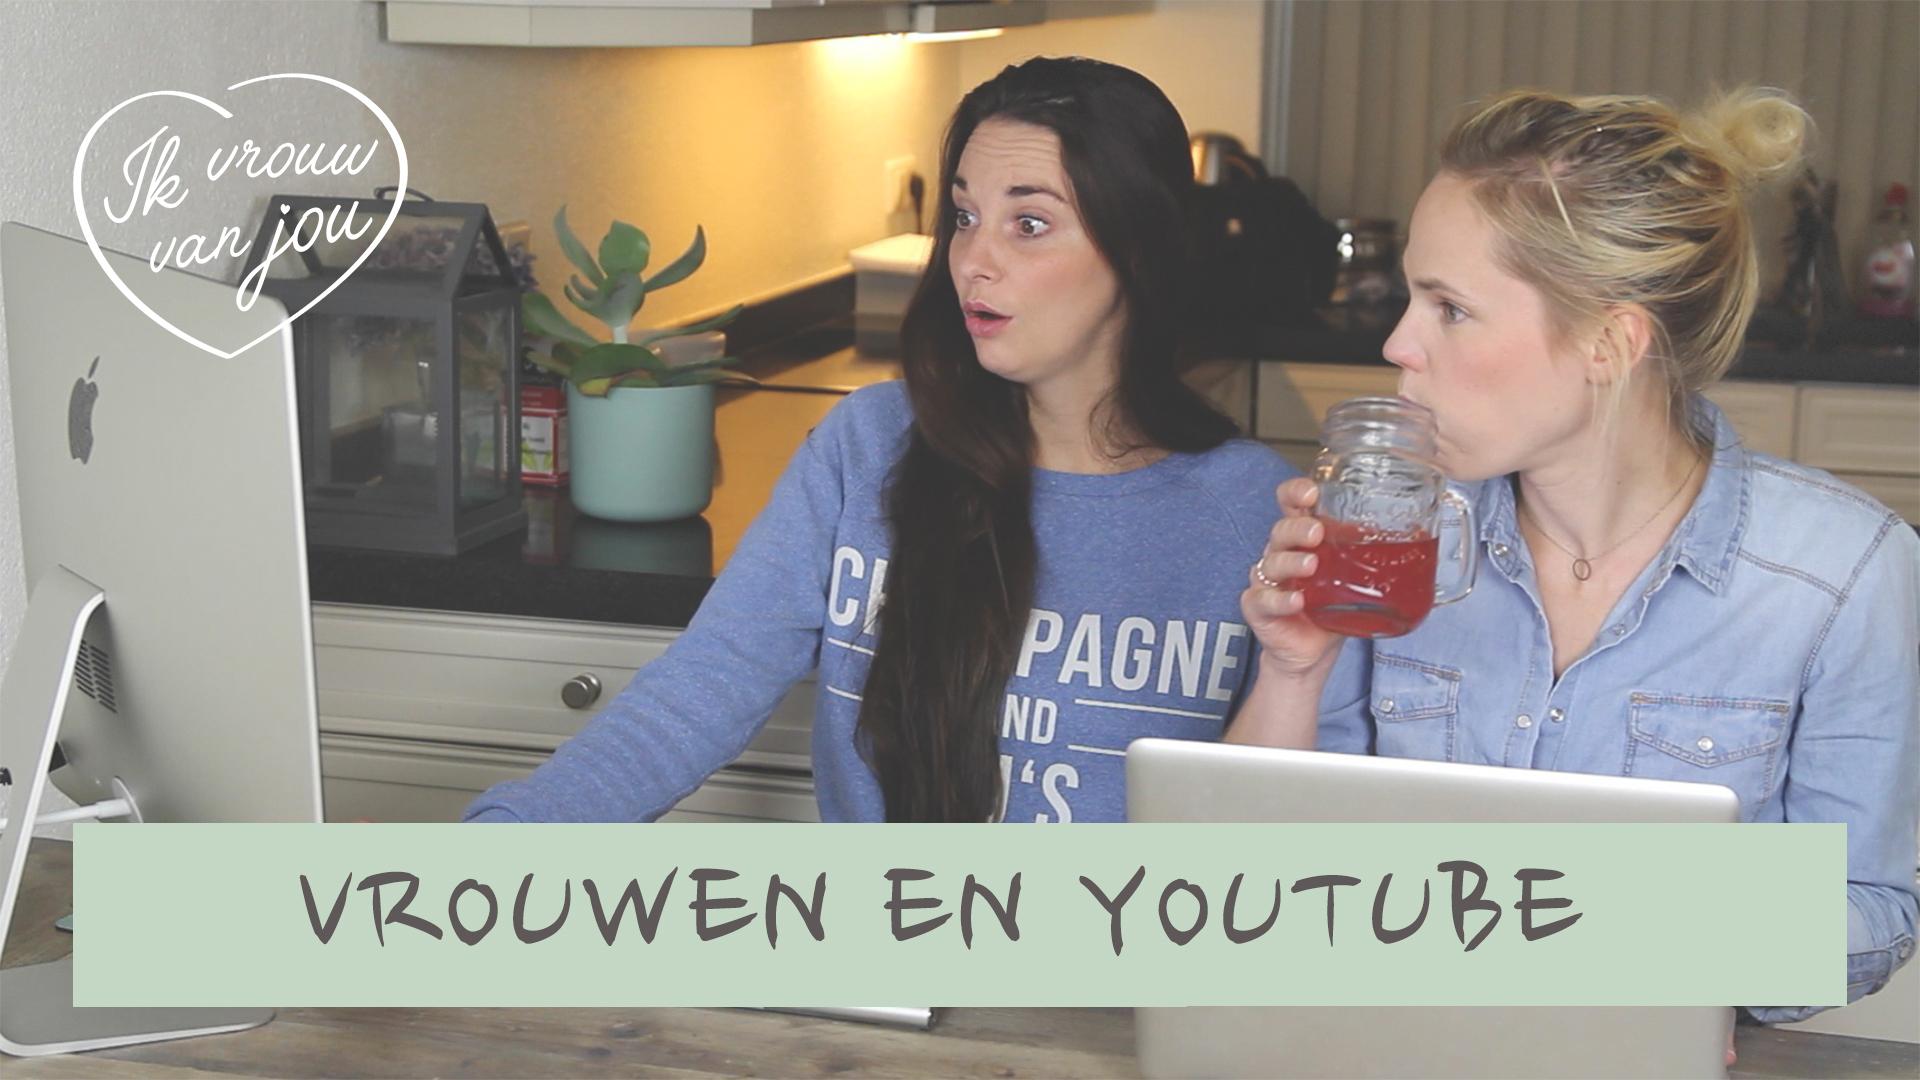 vrouwen en youtube